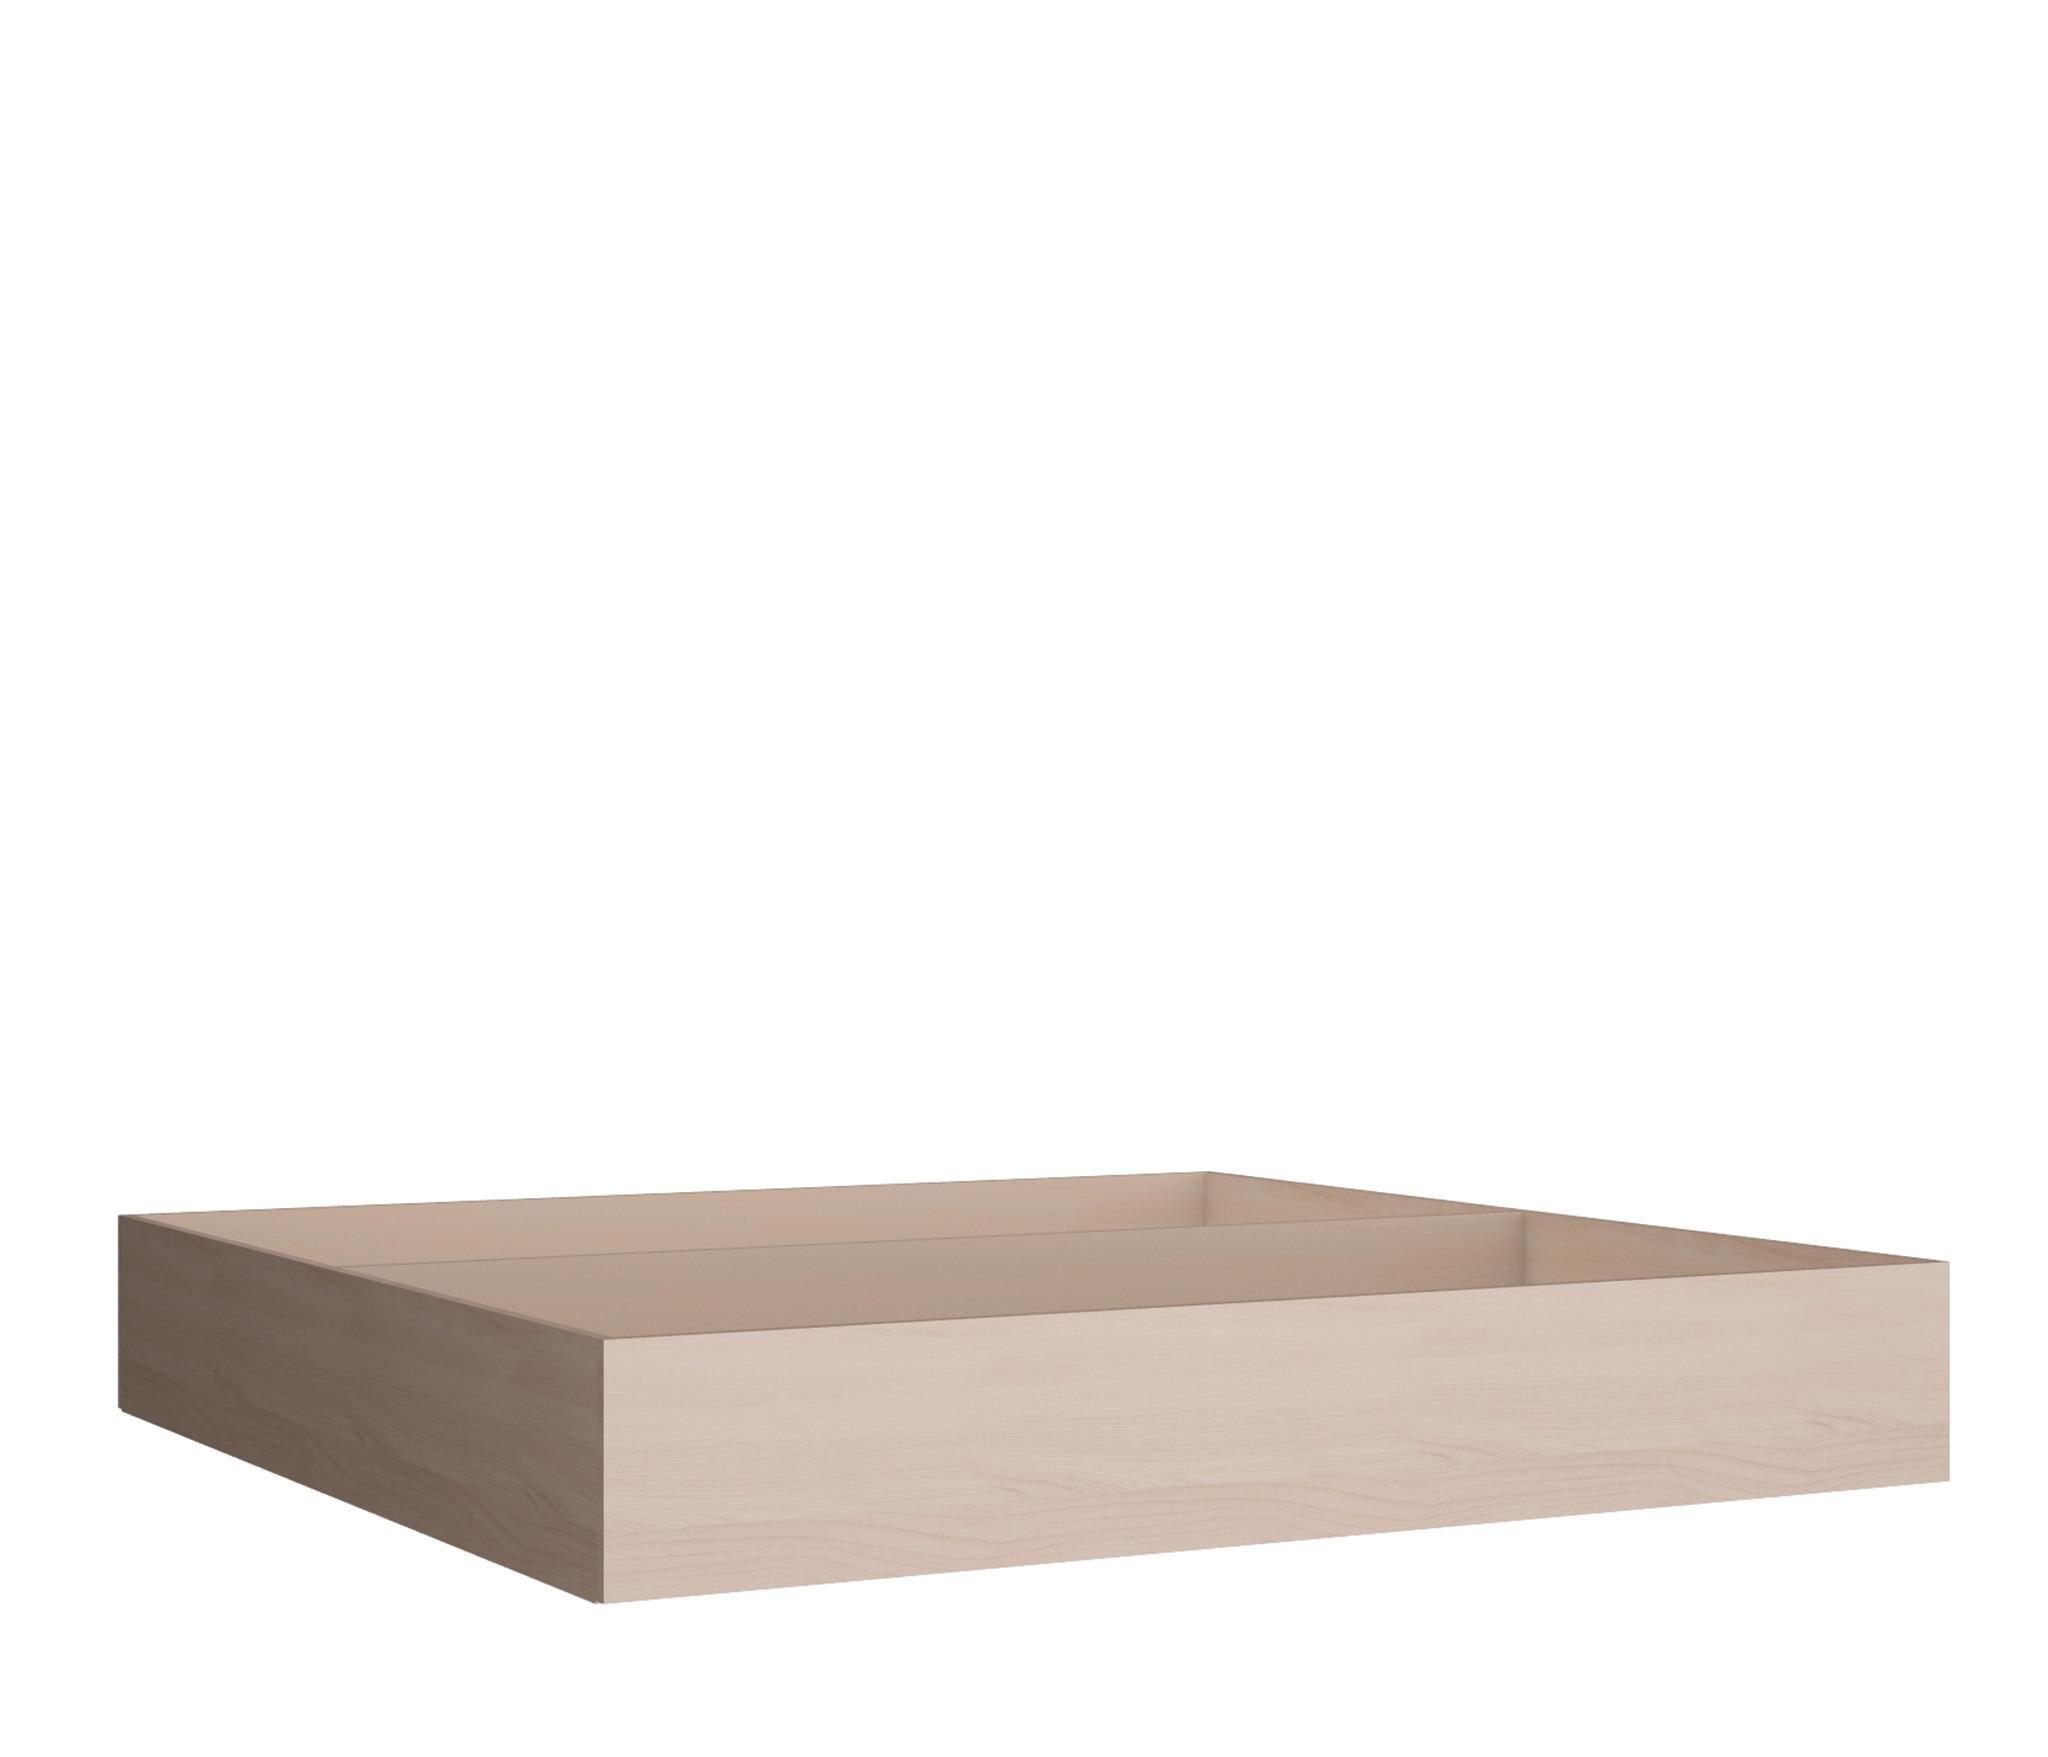 Орион СТЛ.225.32 Короб для кроватиСпальня<br><br><br>Длина мм: 1674<br>Высота мм: 251<br>Глубина мм: 1590